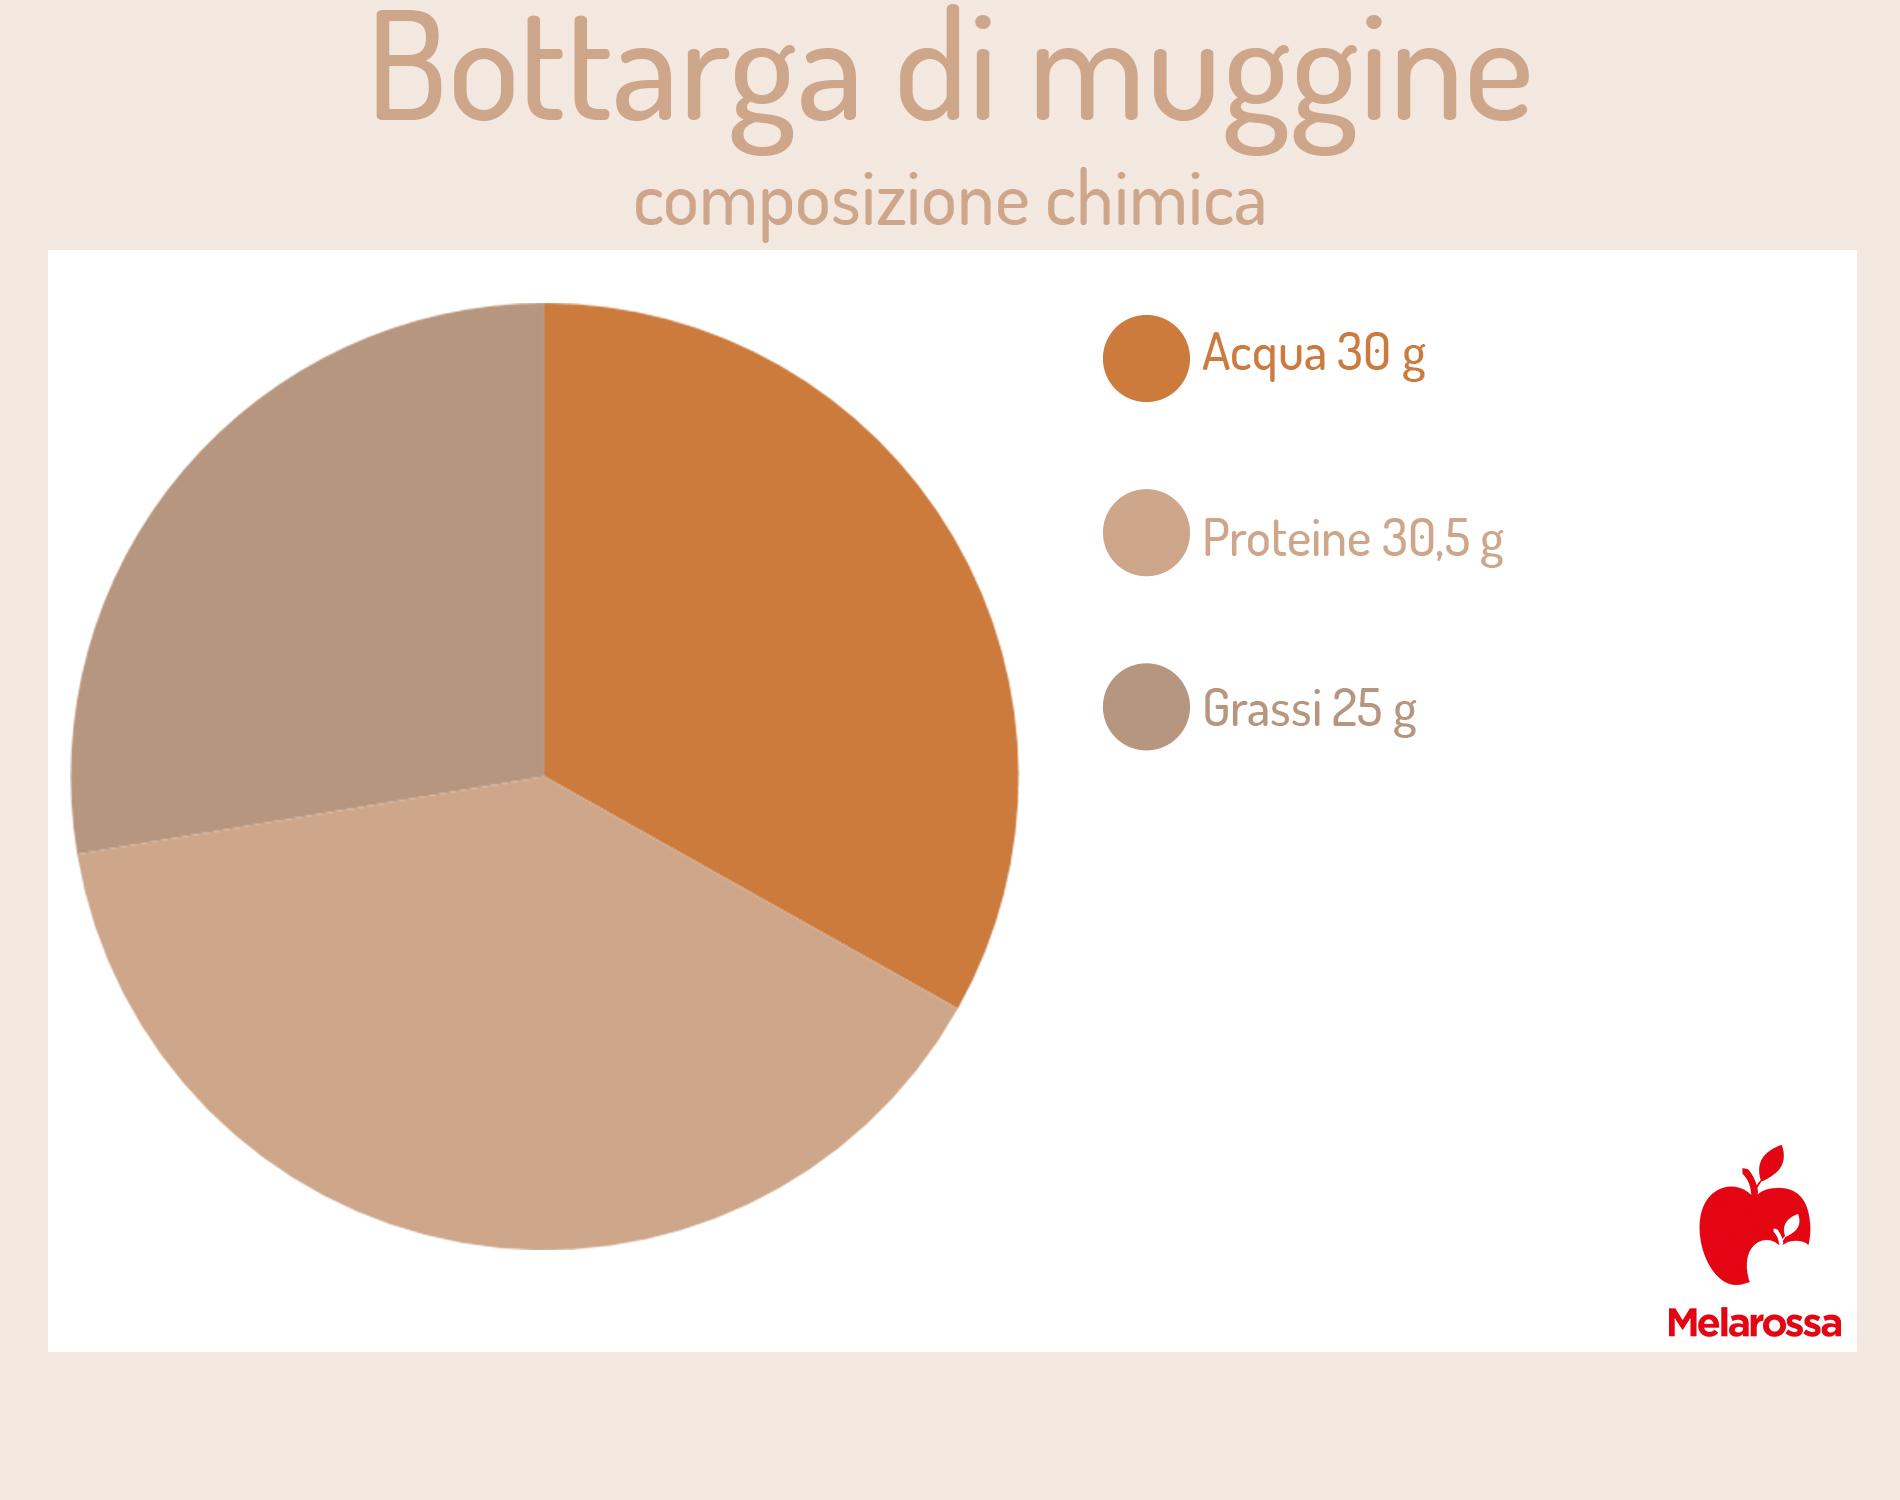 Bottarga: composición química